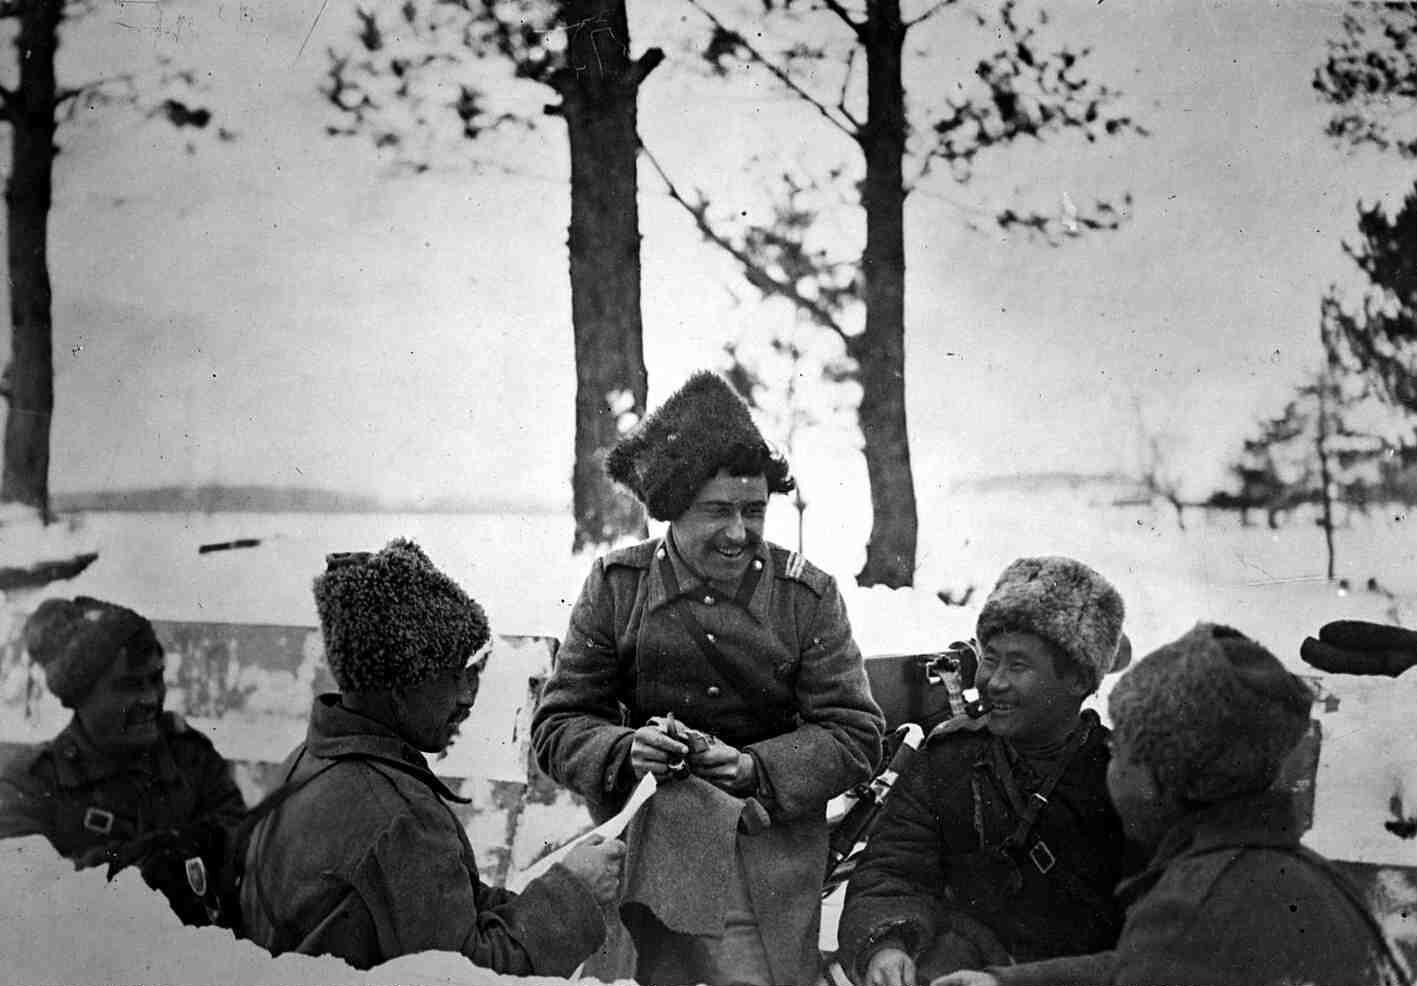 01. 12 марта. Солдаты русской армии в окопах читают сообщение об отречении Николая II от престола